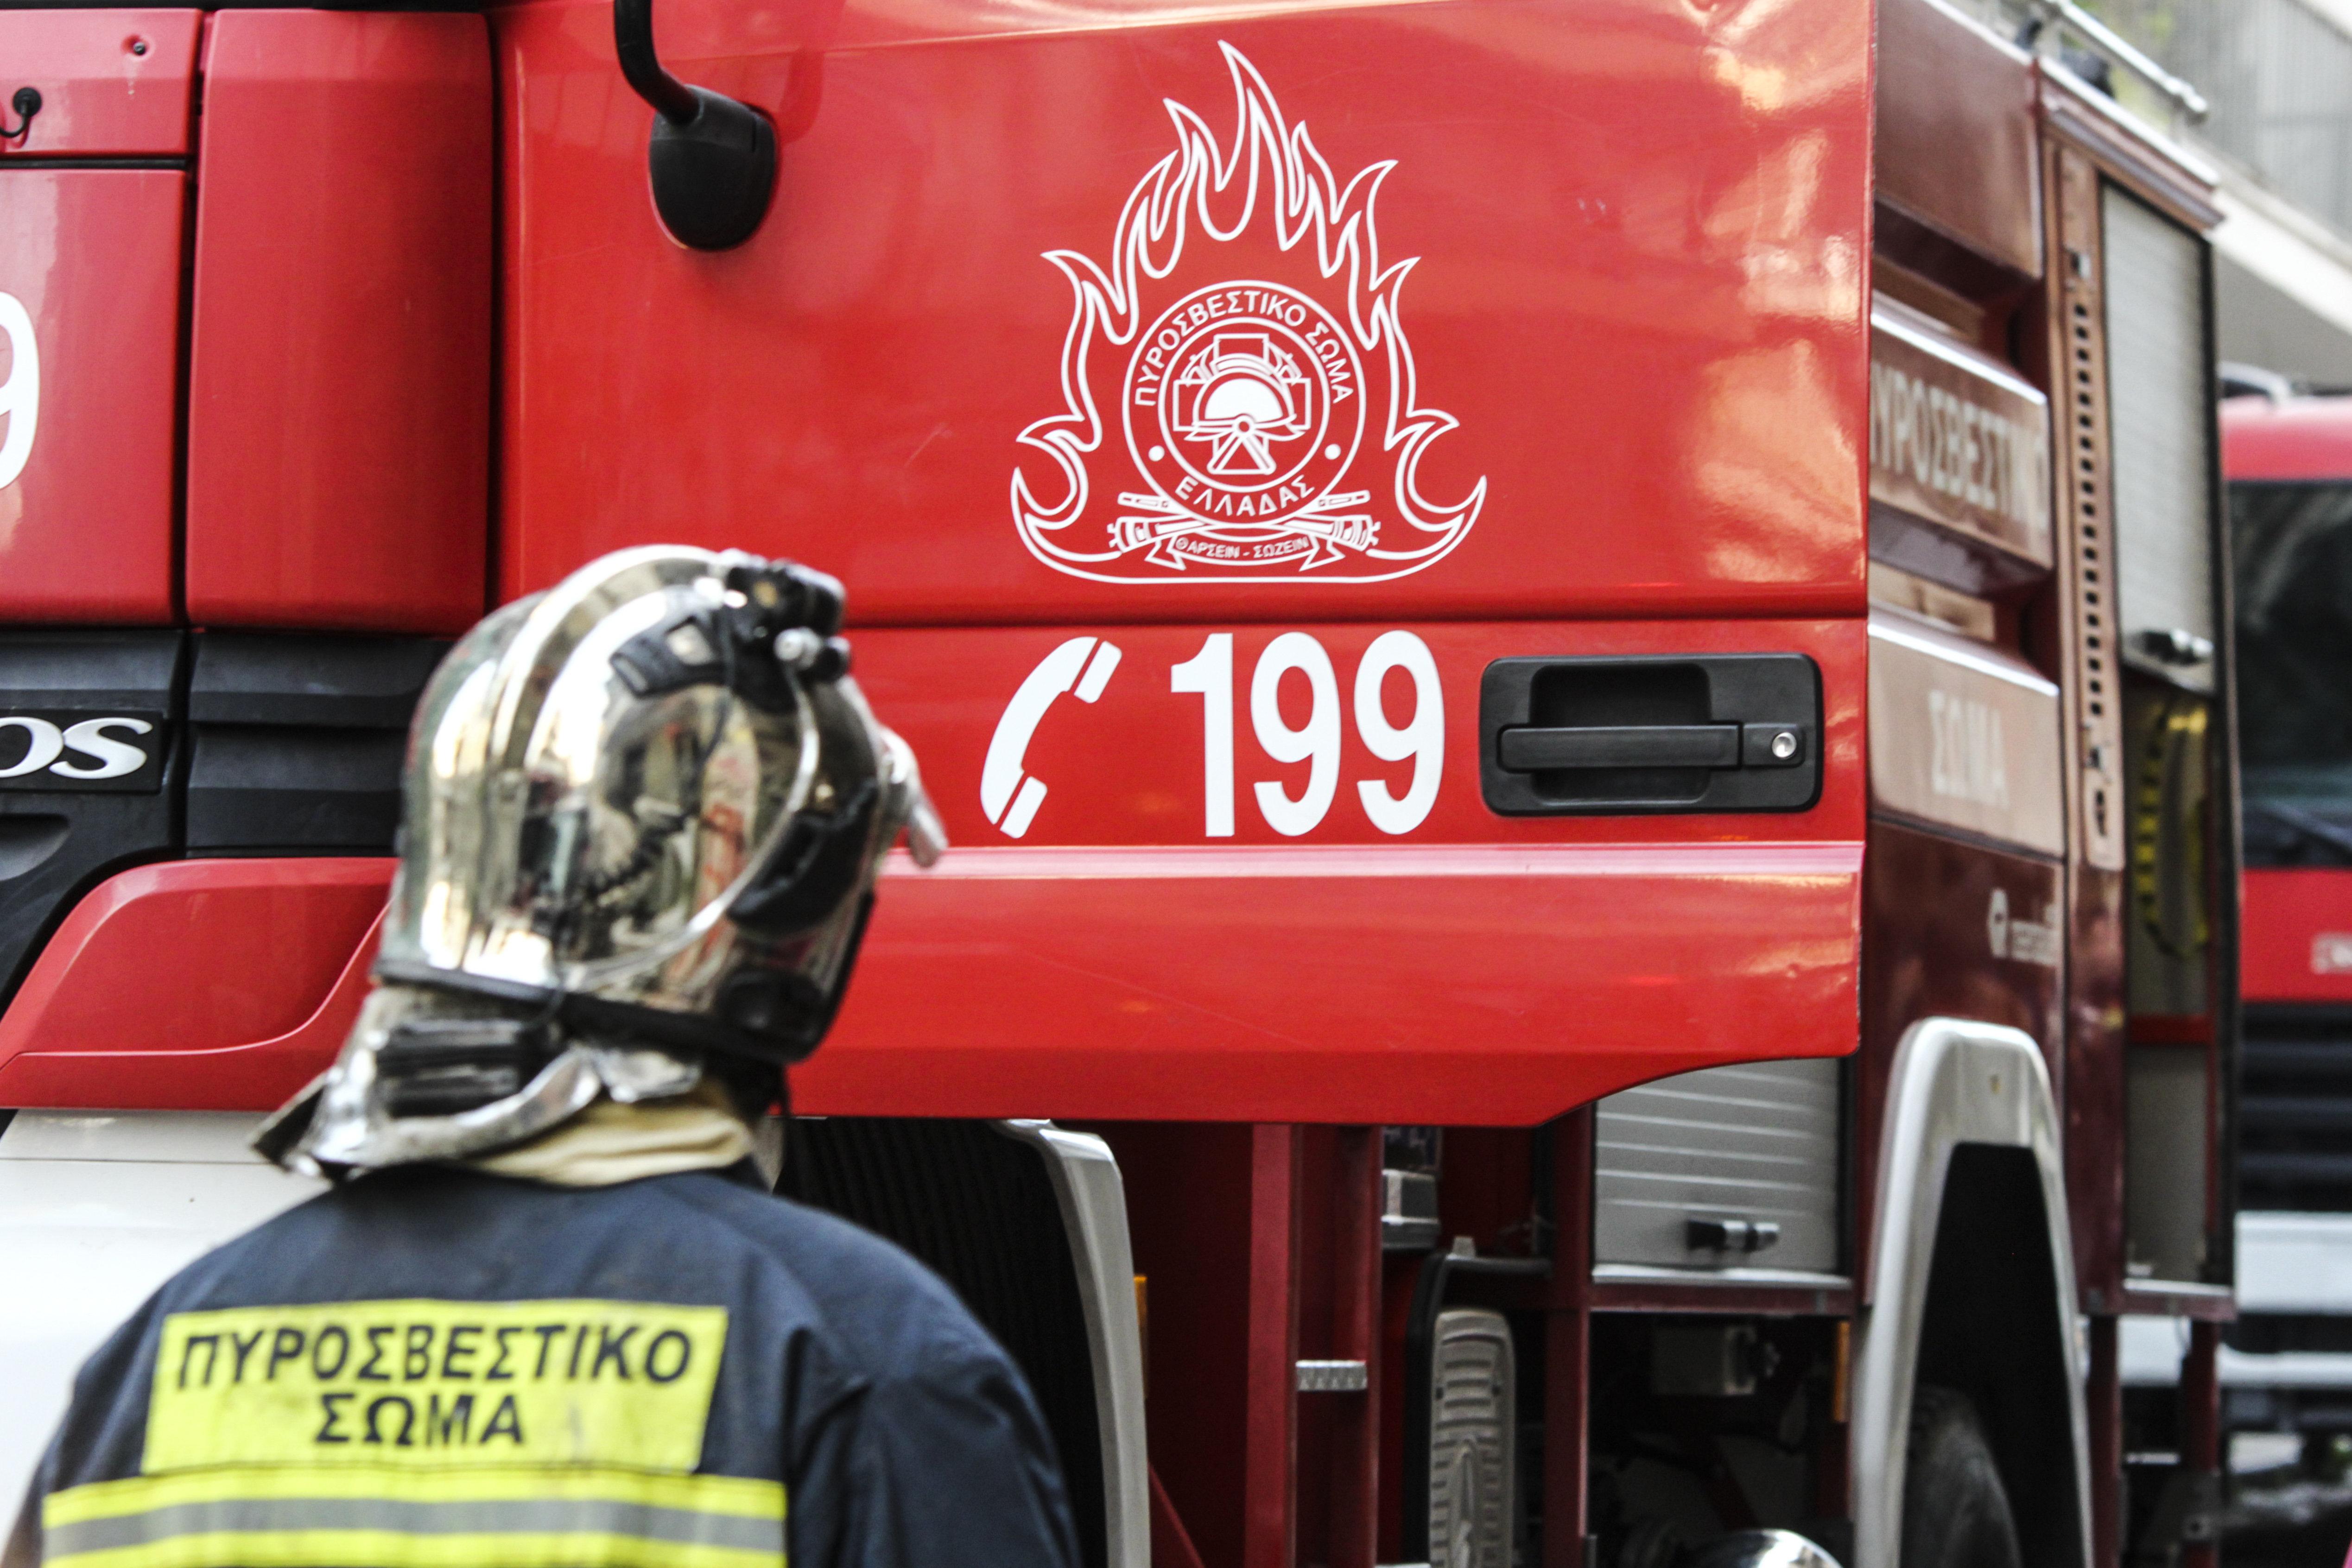 Νεκρός 57χρονος έπειτα από πυρκαγιά σε μονοκατοικία στον